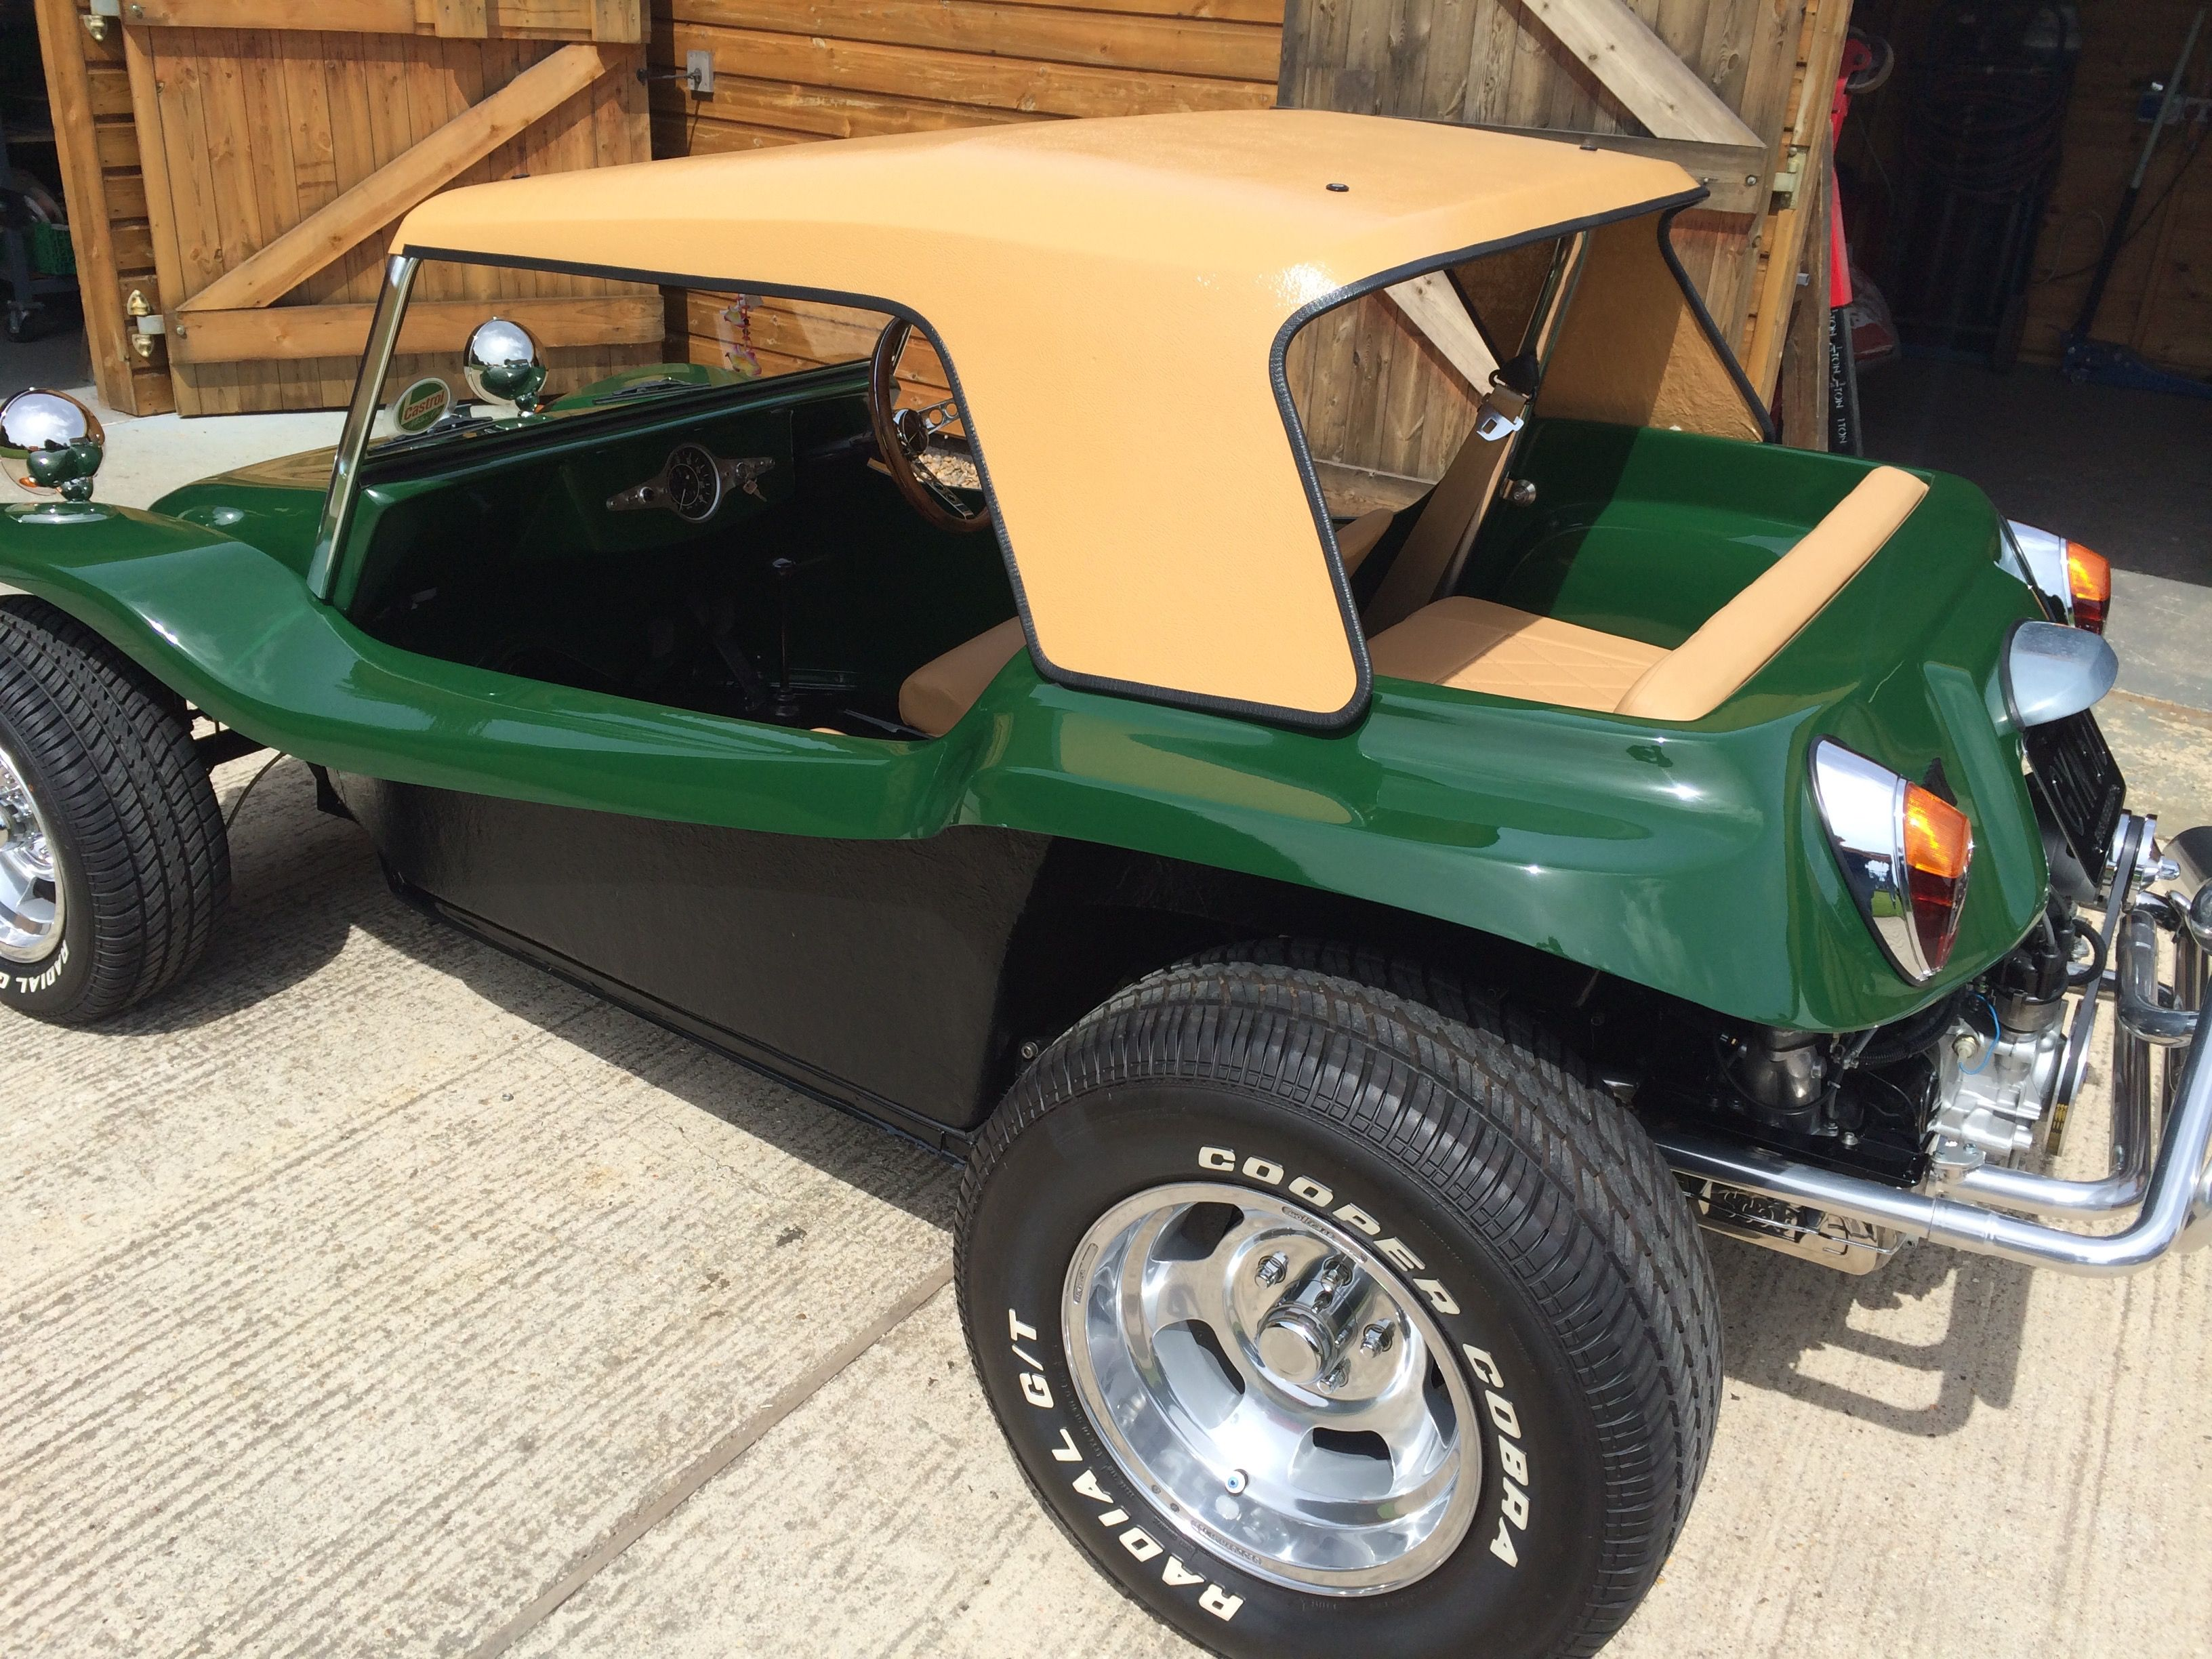 Green Machine | Dune buggy, Vw dune buggy, Beach buggy